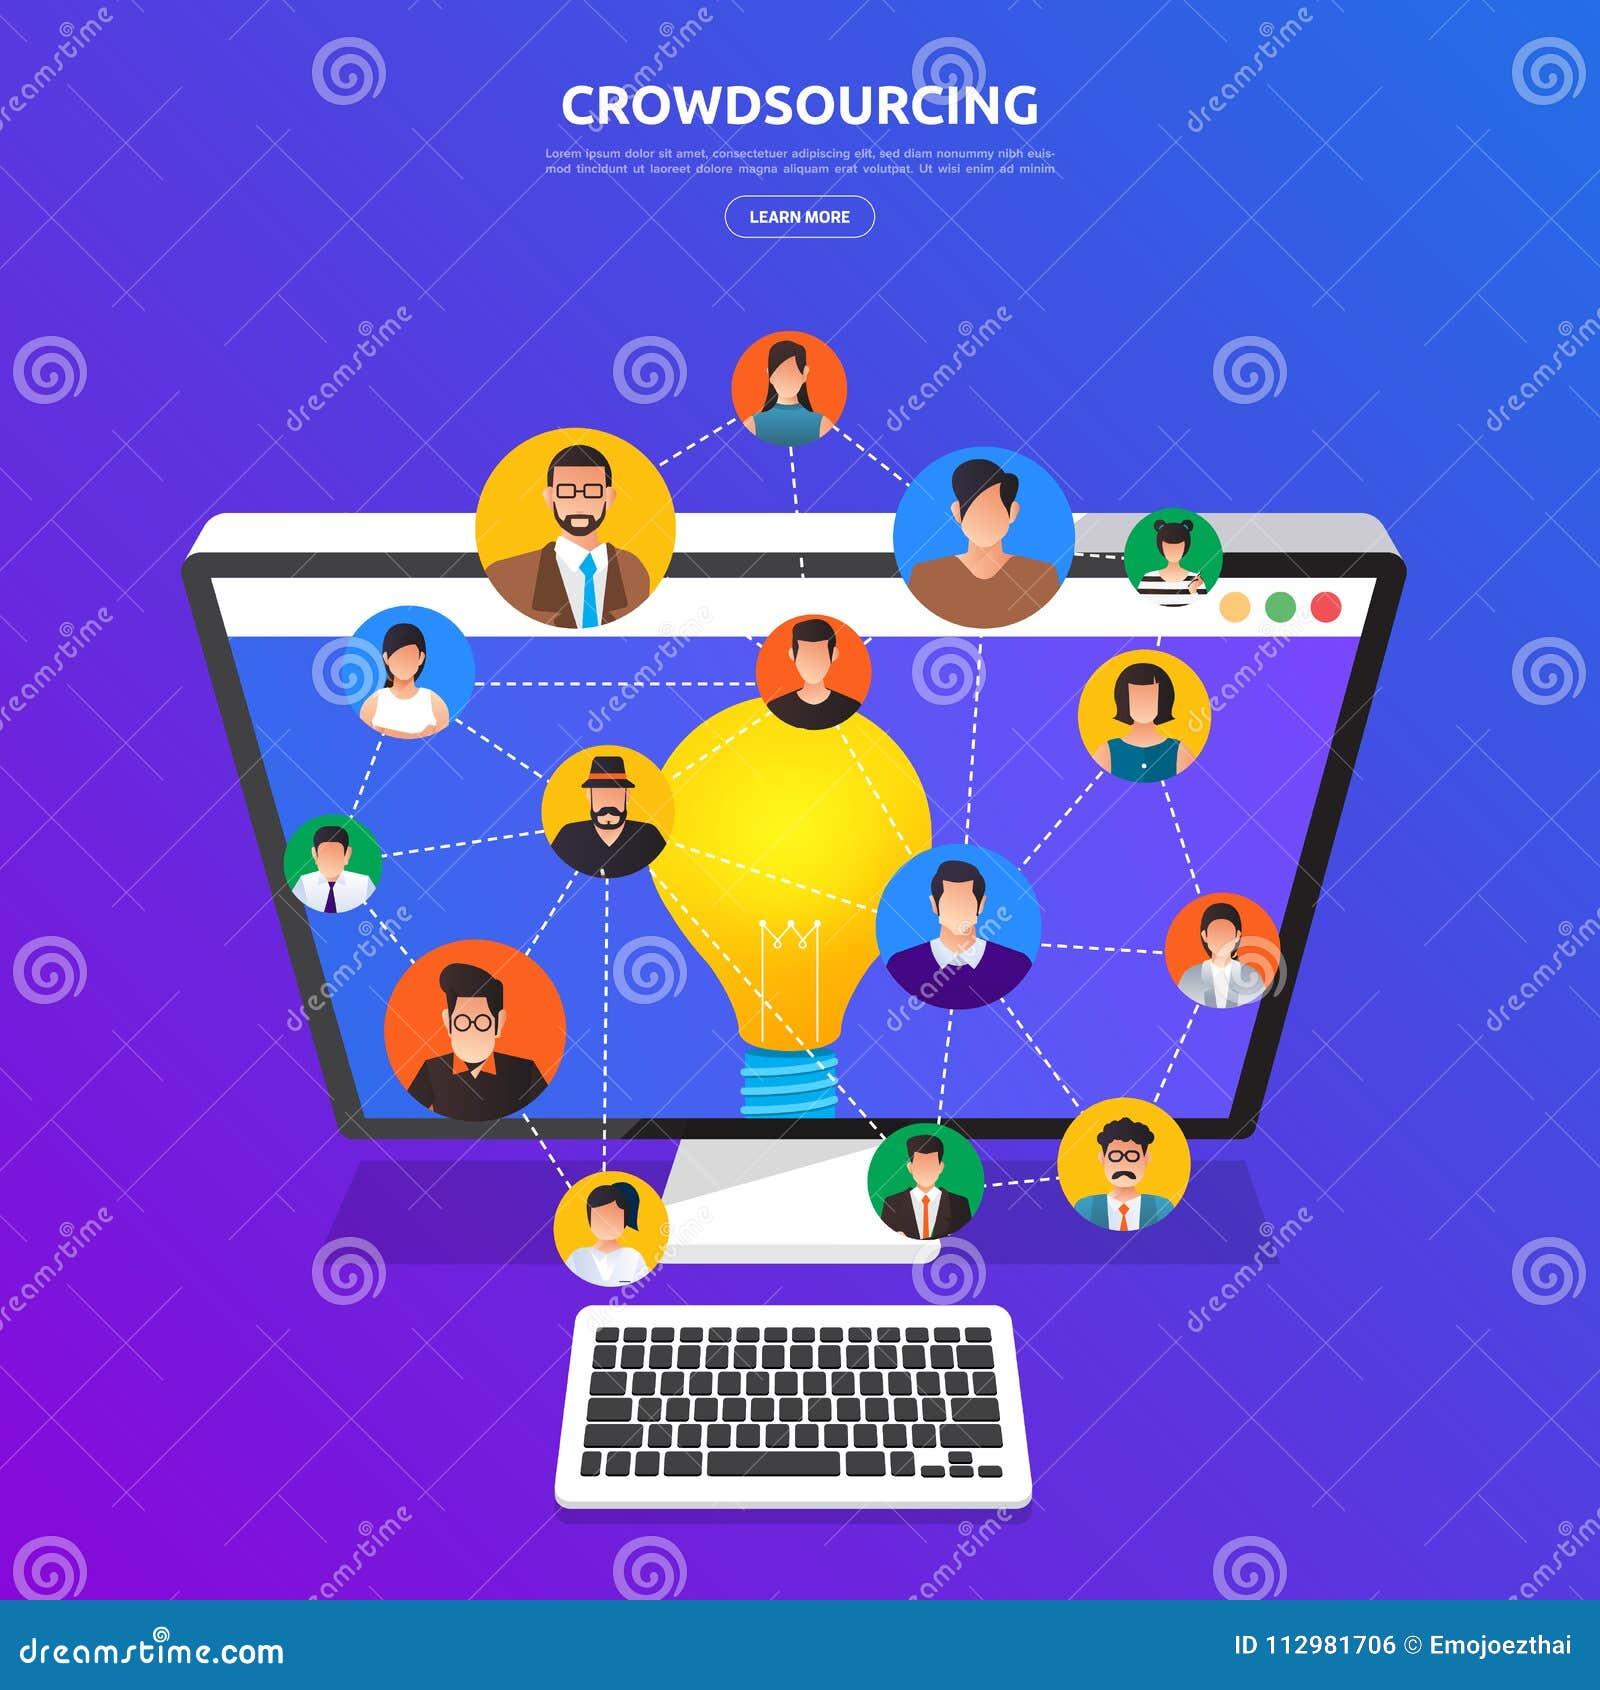 Concepto de diseño plano crowdsourcing El vector ilustra